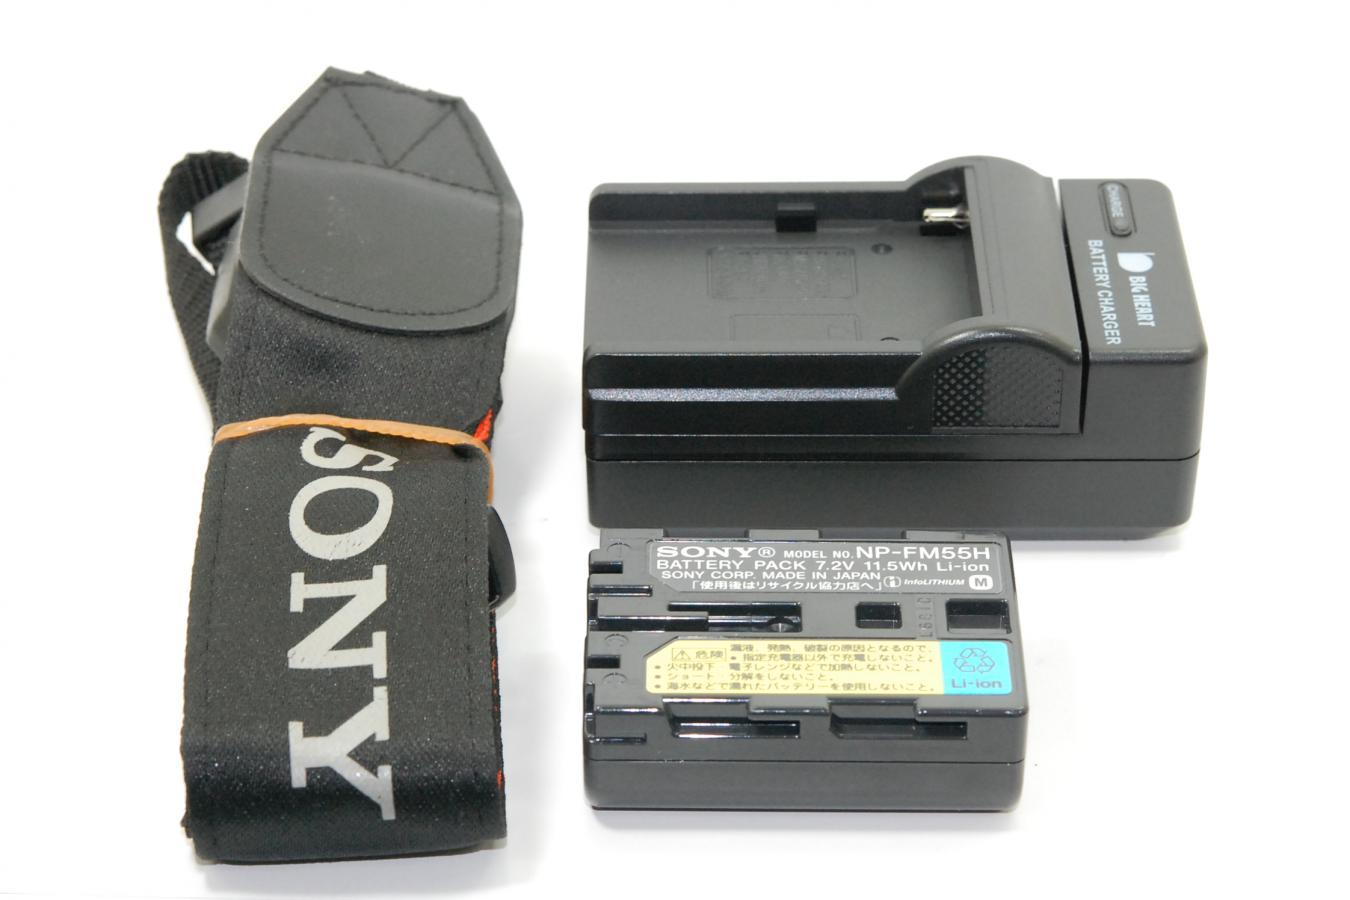 【通信販売限定商品】 SONY α100 DT18-70mm付 【純正フード、ストラップ、充電器、バッテリー付】